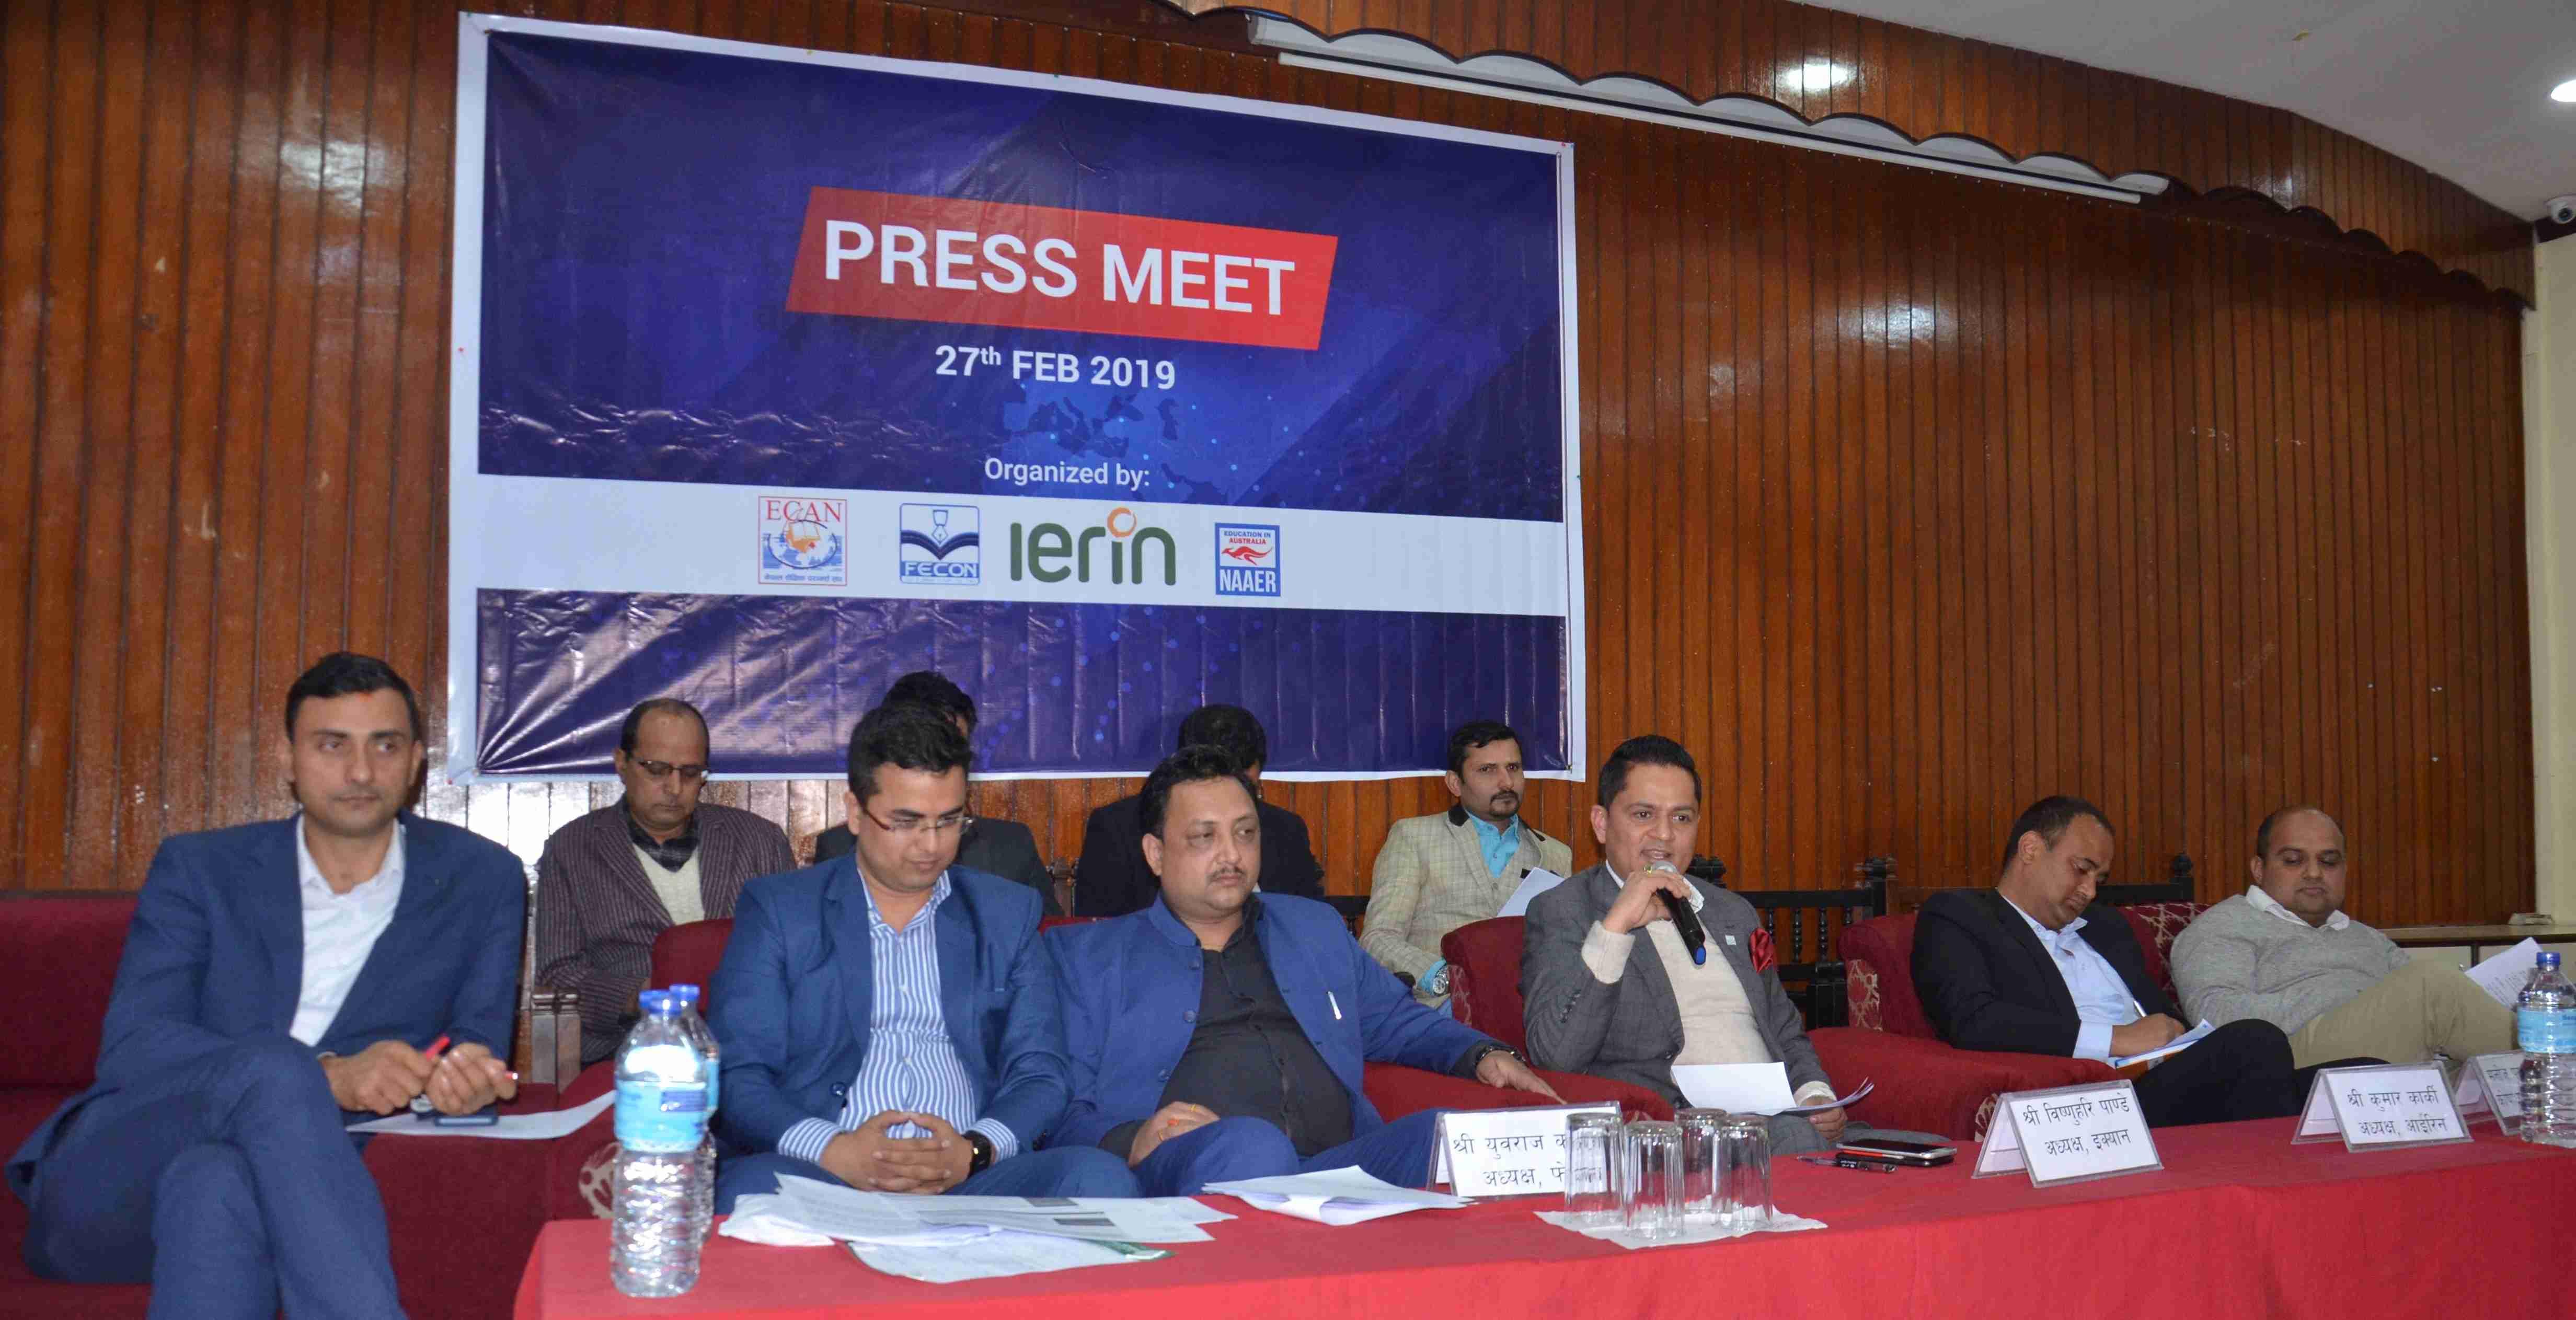 एआईबीटी कलेज दर्ता निलंबनको ९ दिनपछि शैक्षिक परामर्श दाताहरुले काठमाण्डूमा गरेको पत्रकार सम्मेलनमा पत्रकारका प्रश्नको उत्तर दिँदै पेशागत संगठनका अध्यक्षहरु